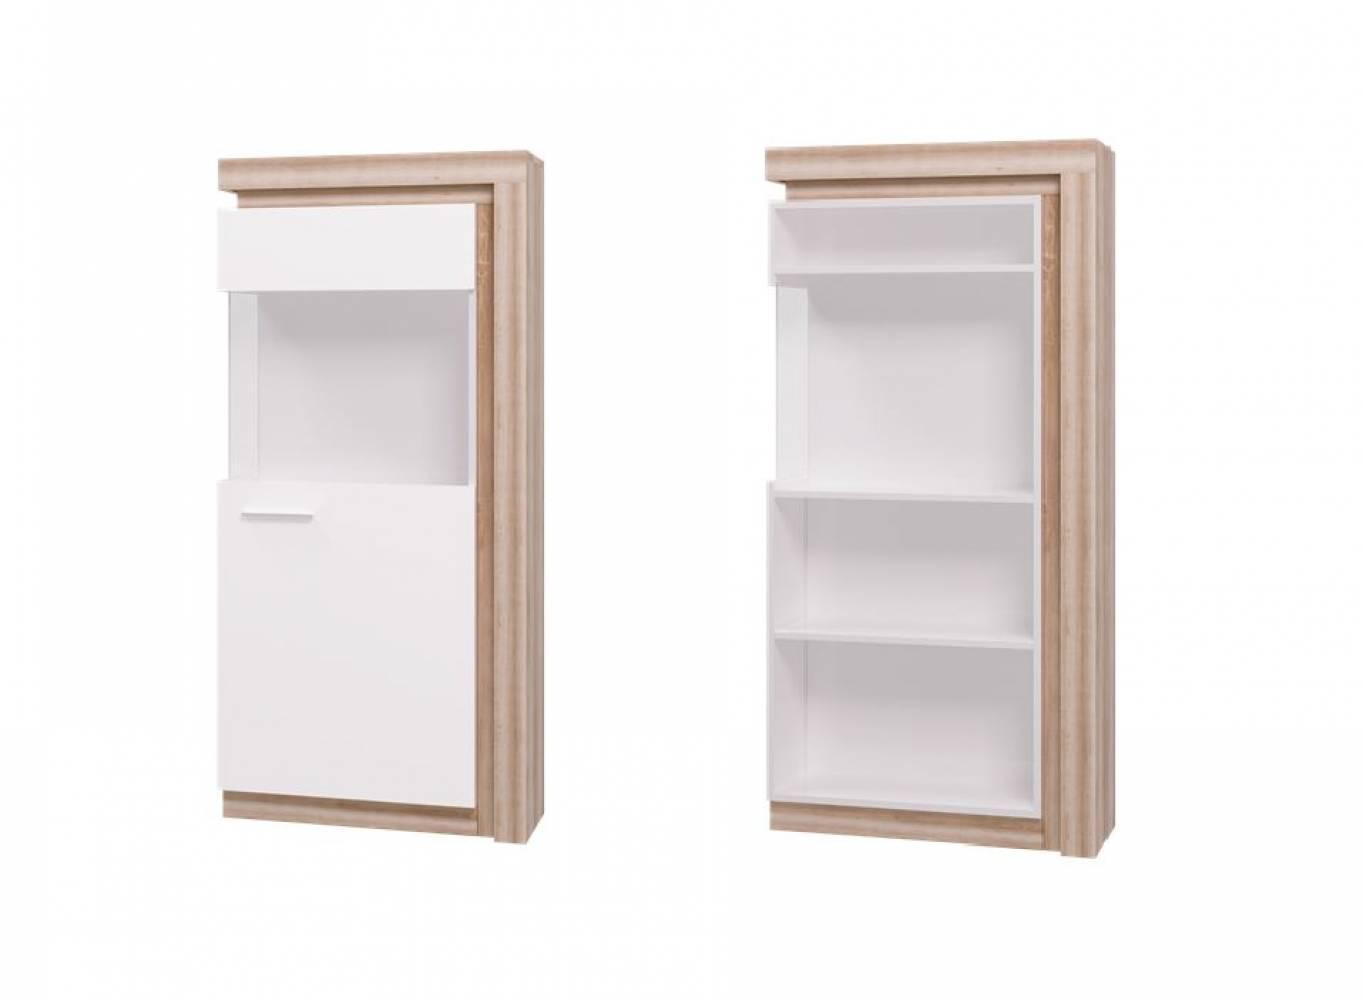 Люмен 01 Шкаф-витрина (Дуб Сакраменто)